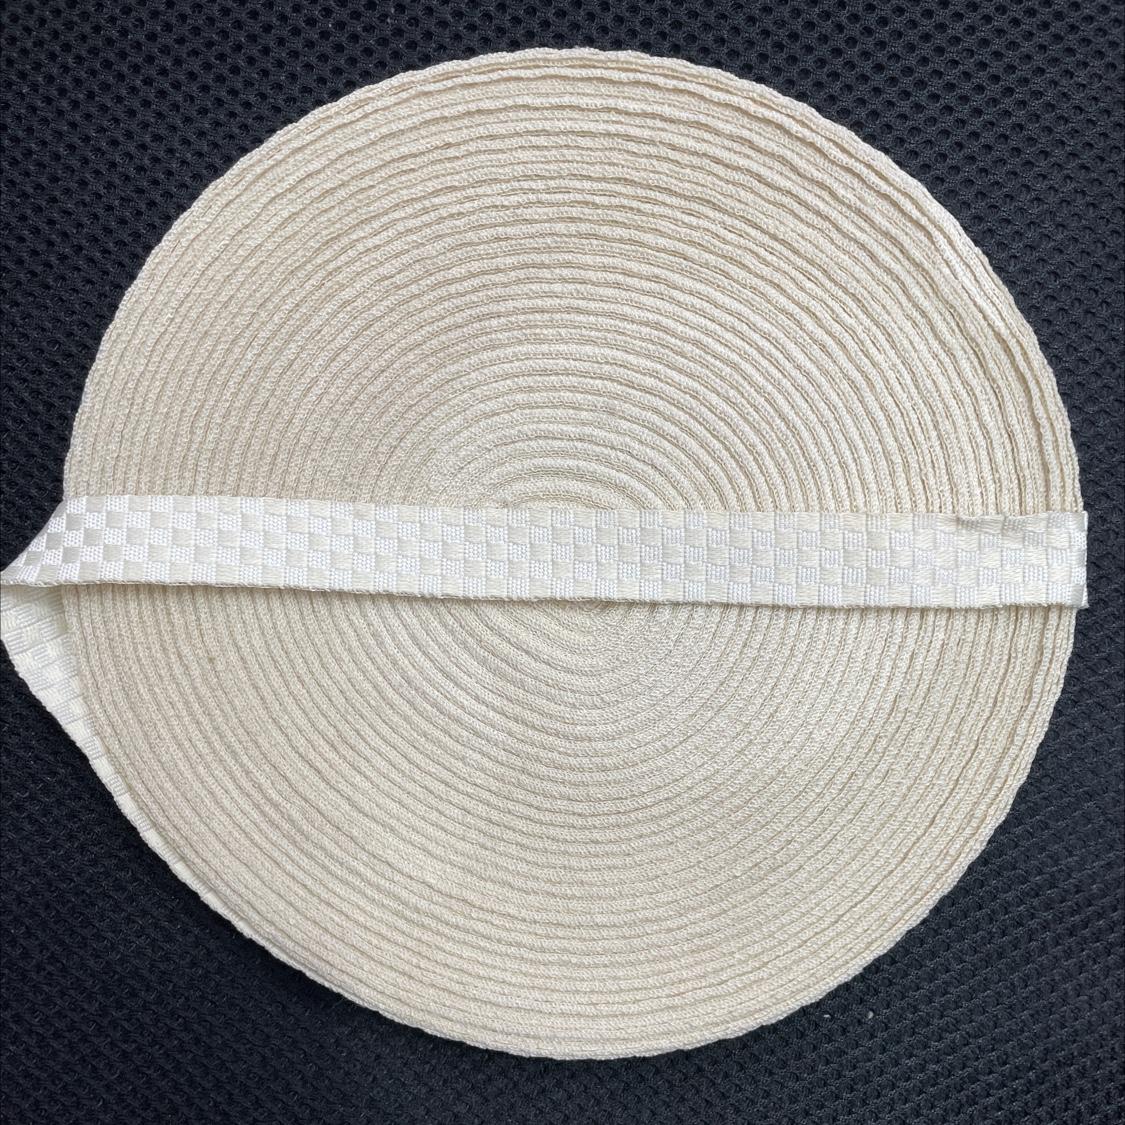 织带 帽带 提花帽带 米格子